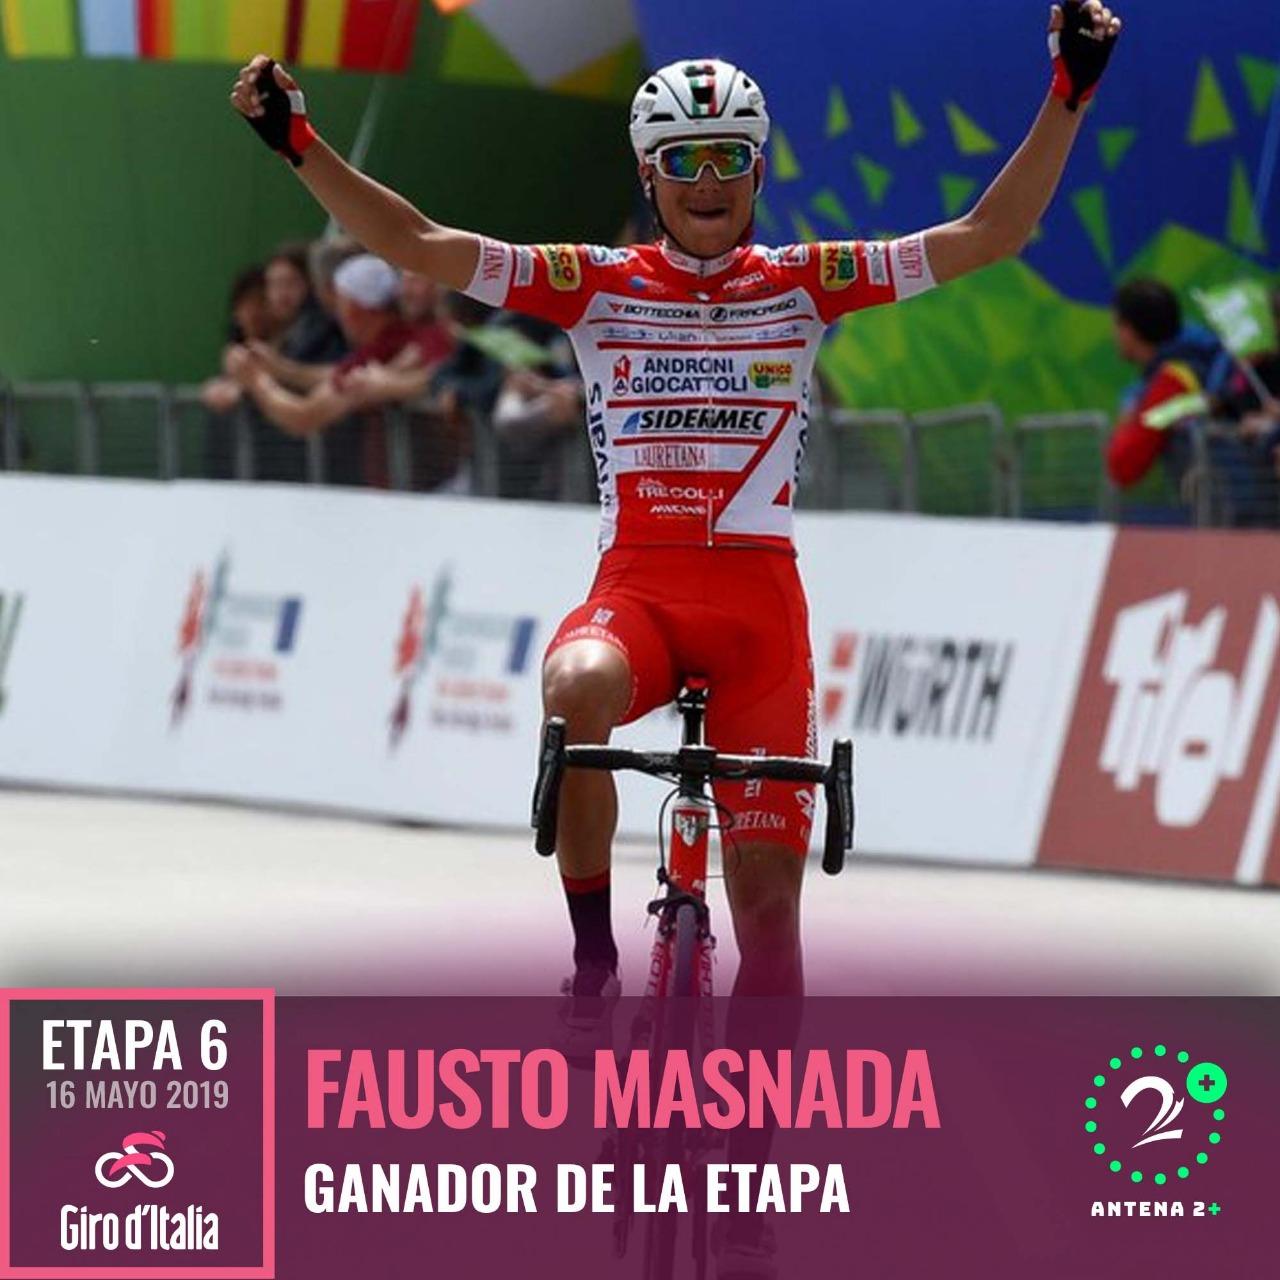 Valerio Conti le quitó la 'maglia' a Roglic y es el nuevo líder del Giro de Italia